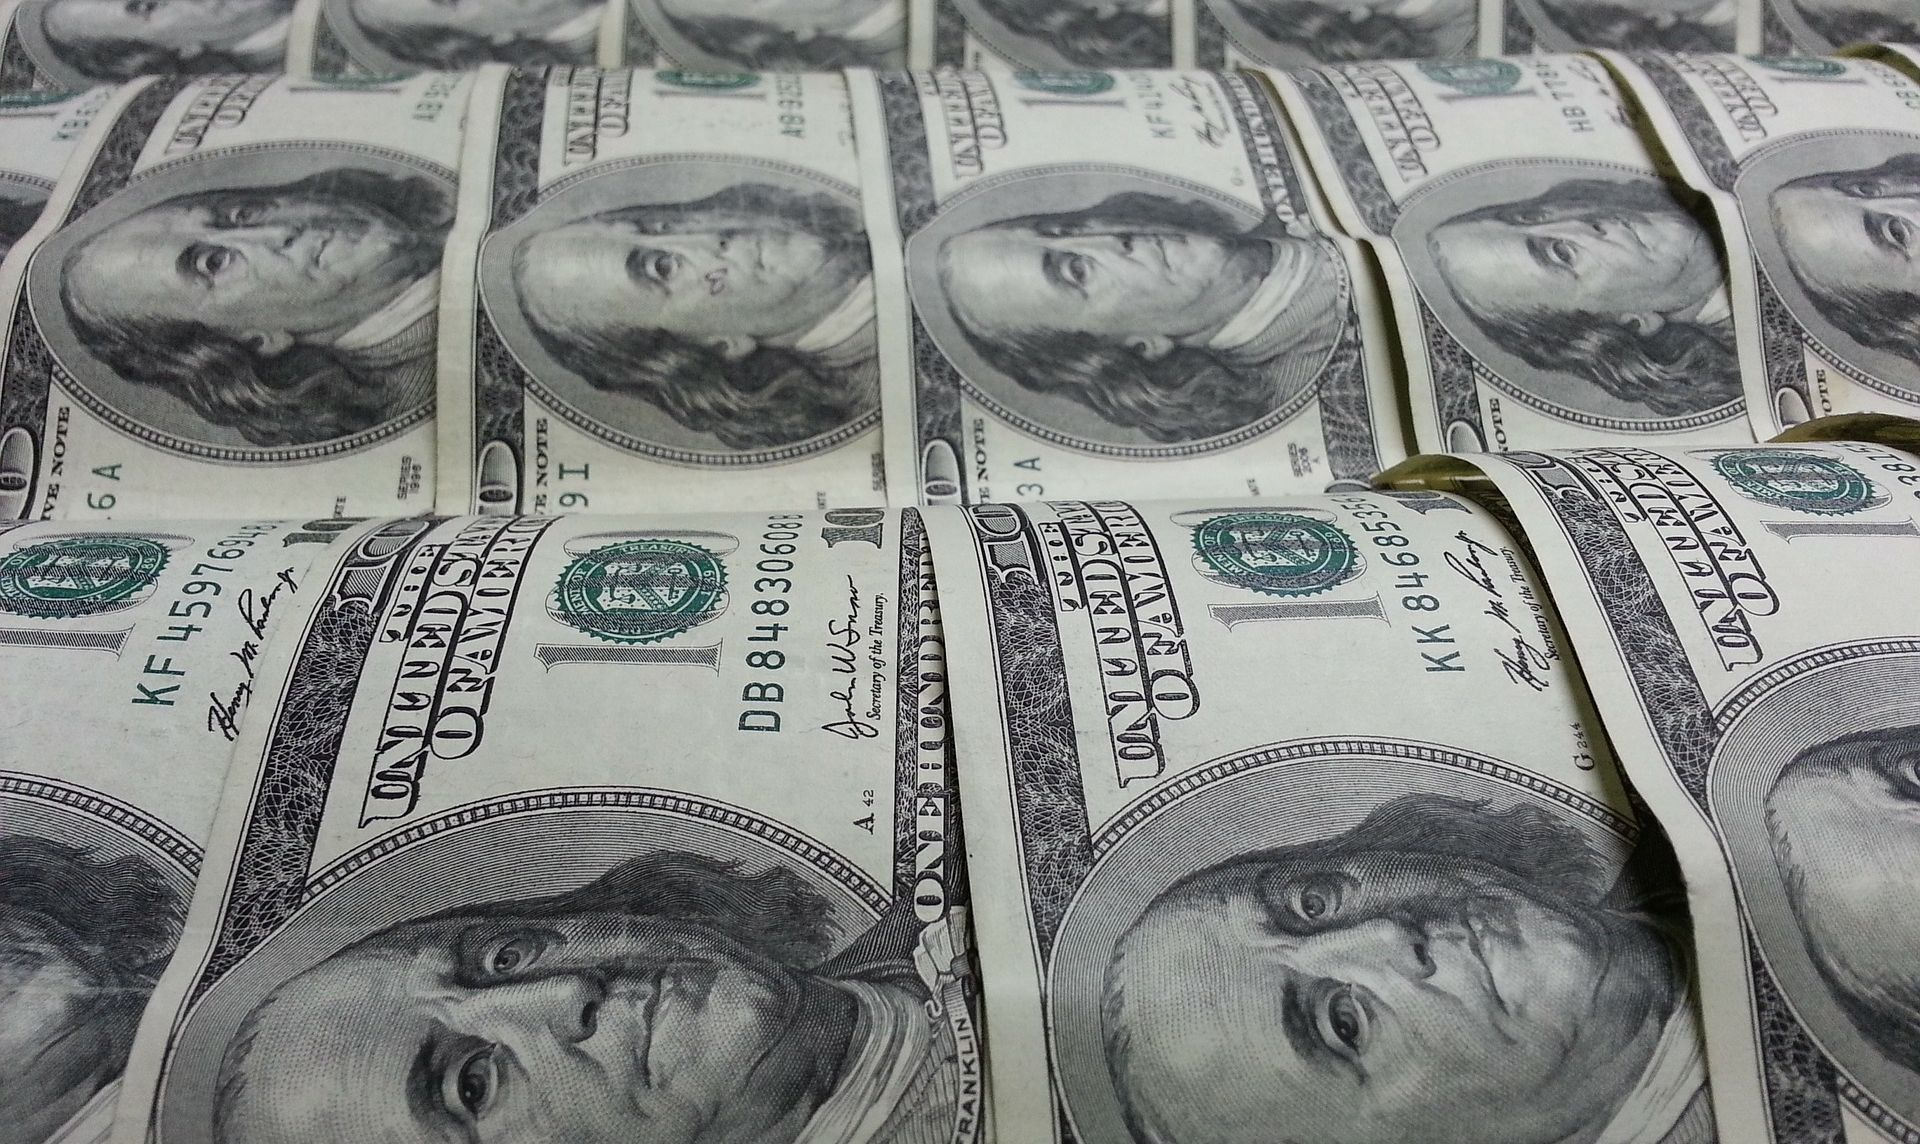 Dolar ojačao, do kraja godine moguće povećanje kamata Feda